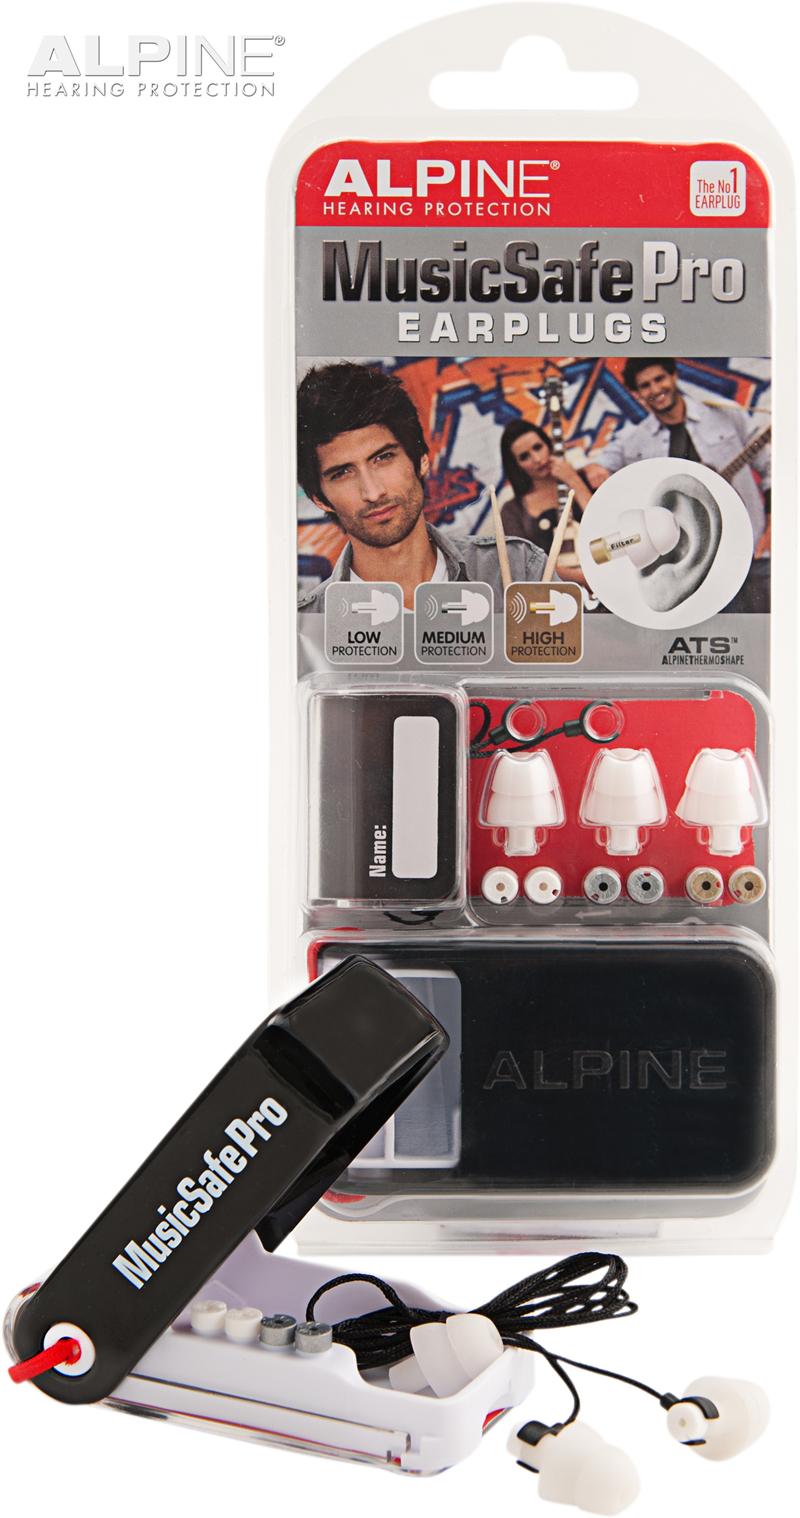 ALPINE-MusicSafe-Pro-White-Edition-Gehoerschutz